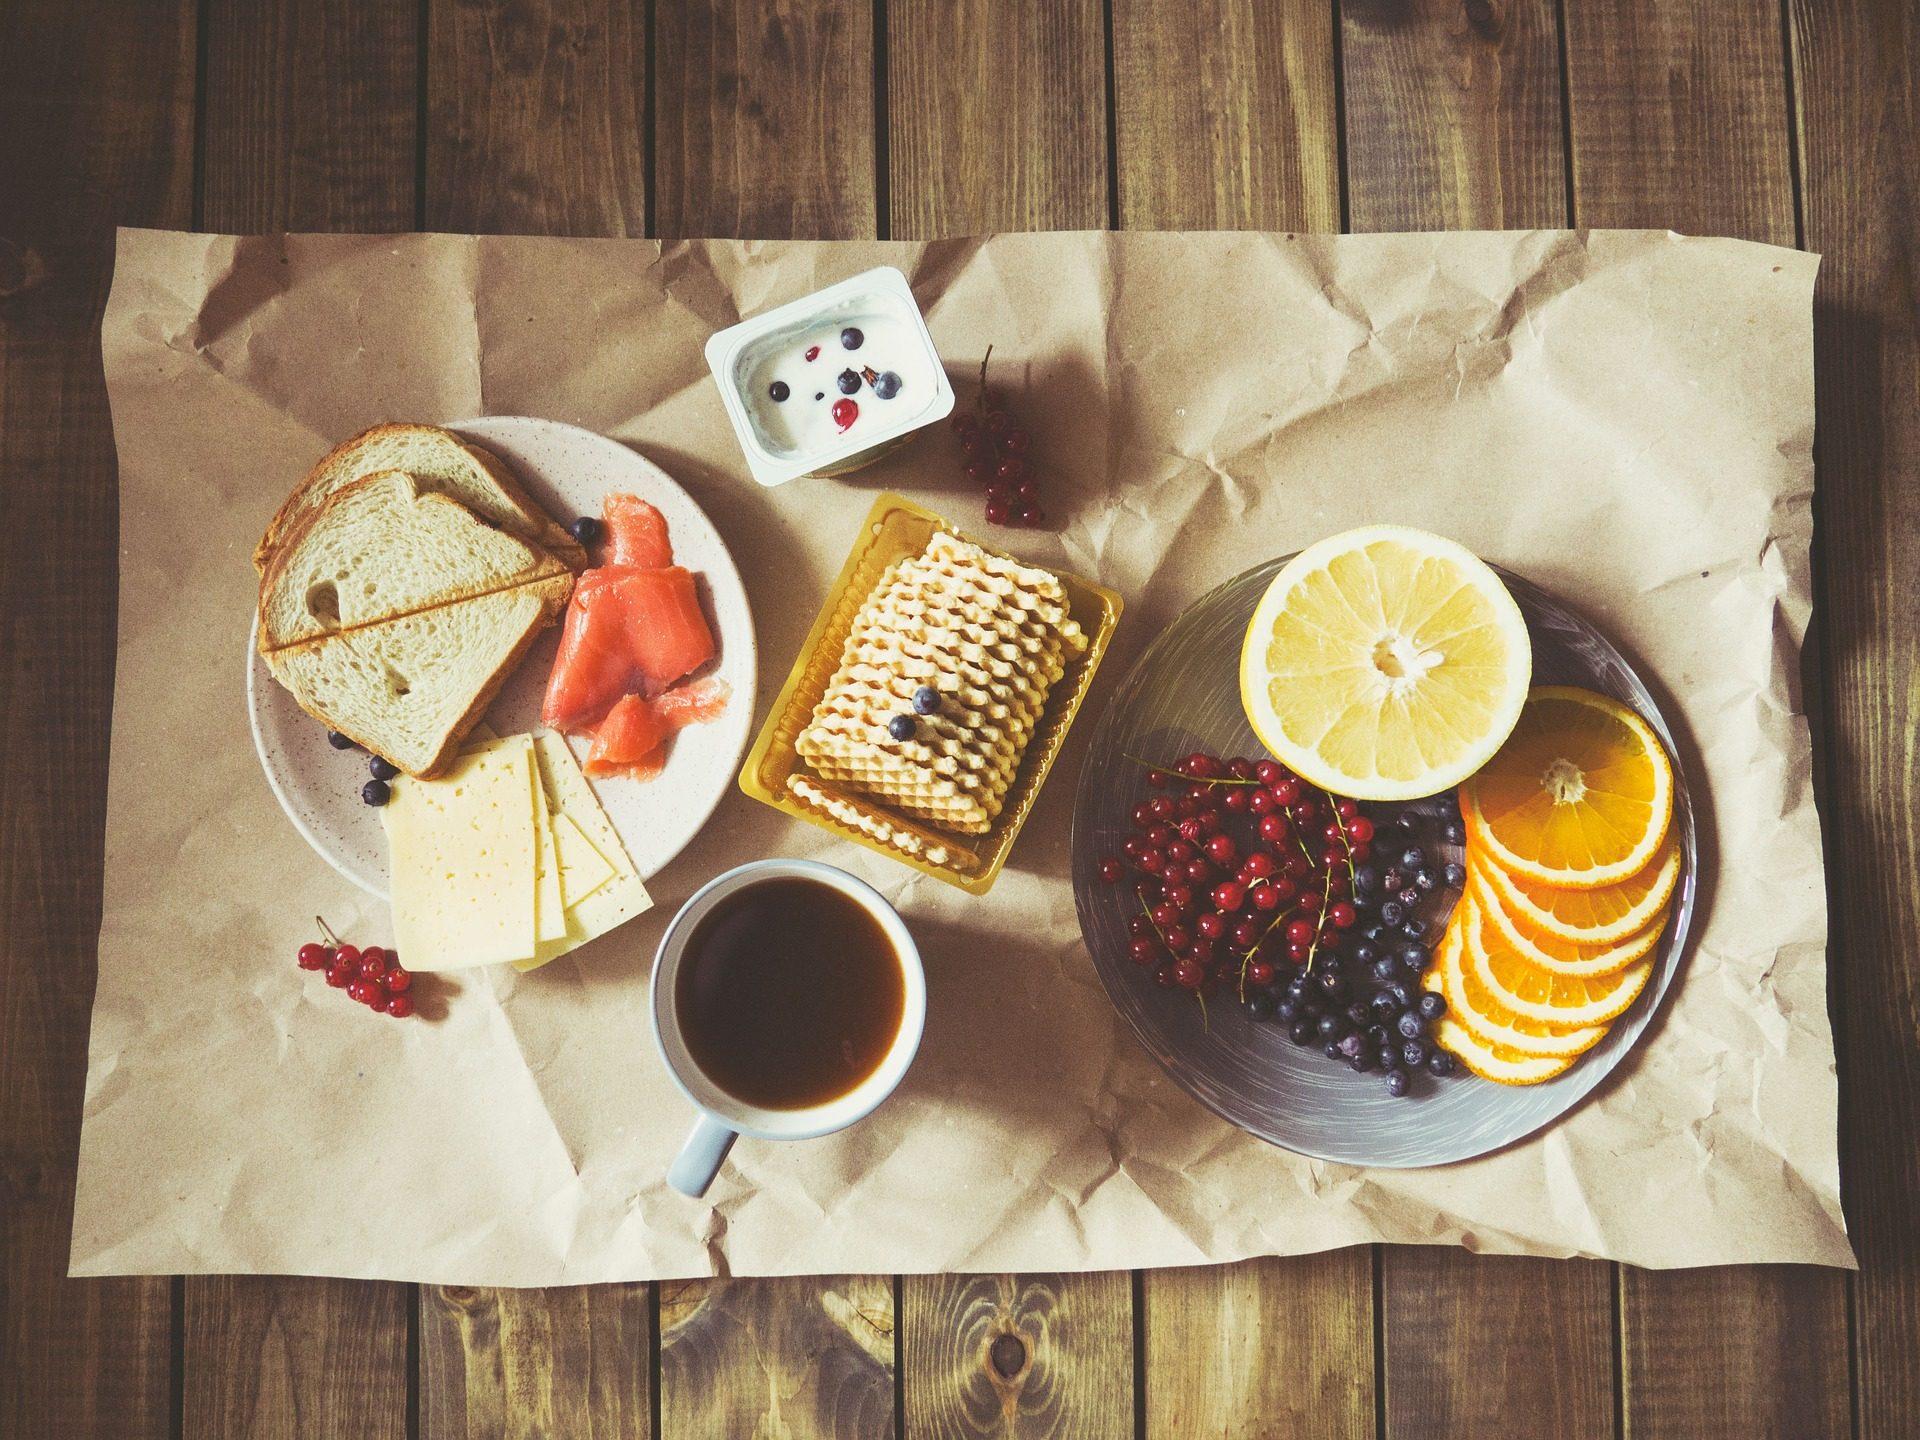 le petit déjeuner, fruits, Pain grillé, café, fromage - Fonds d'écran HD - Professor-falken.com